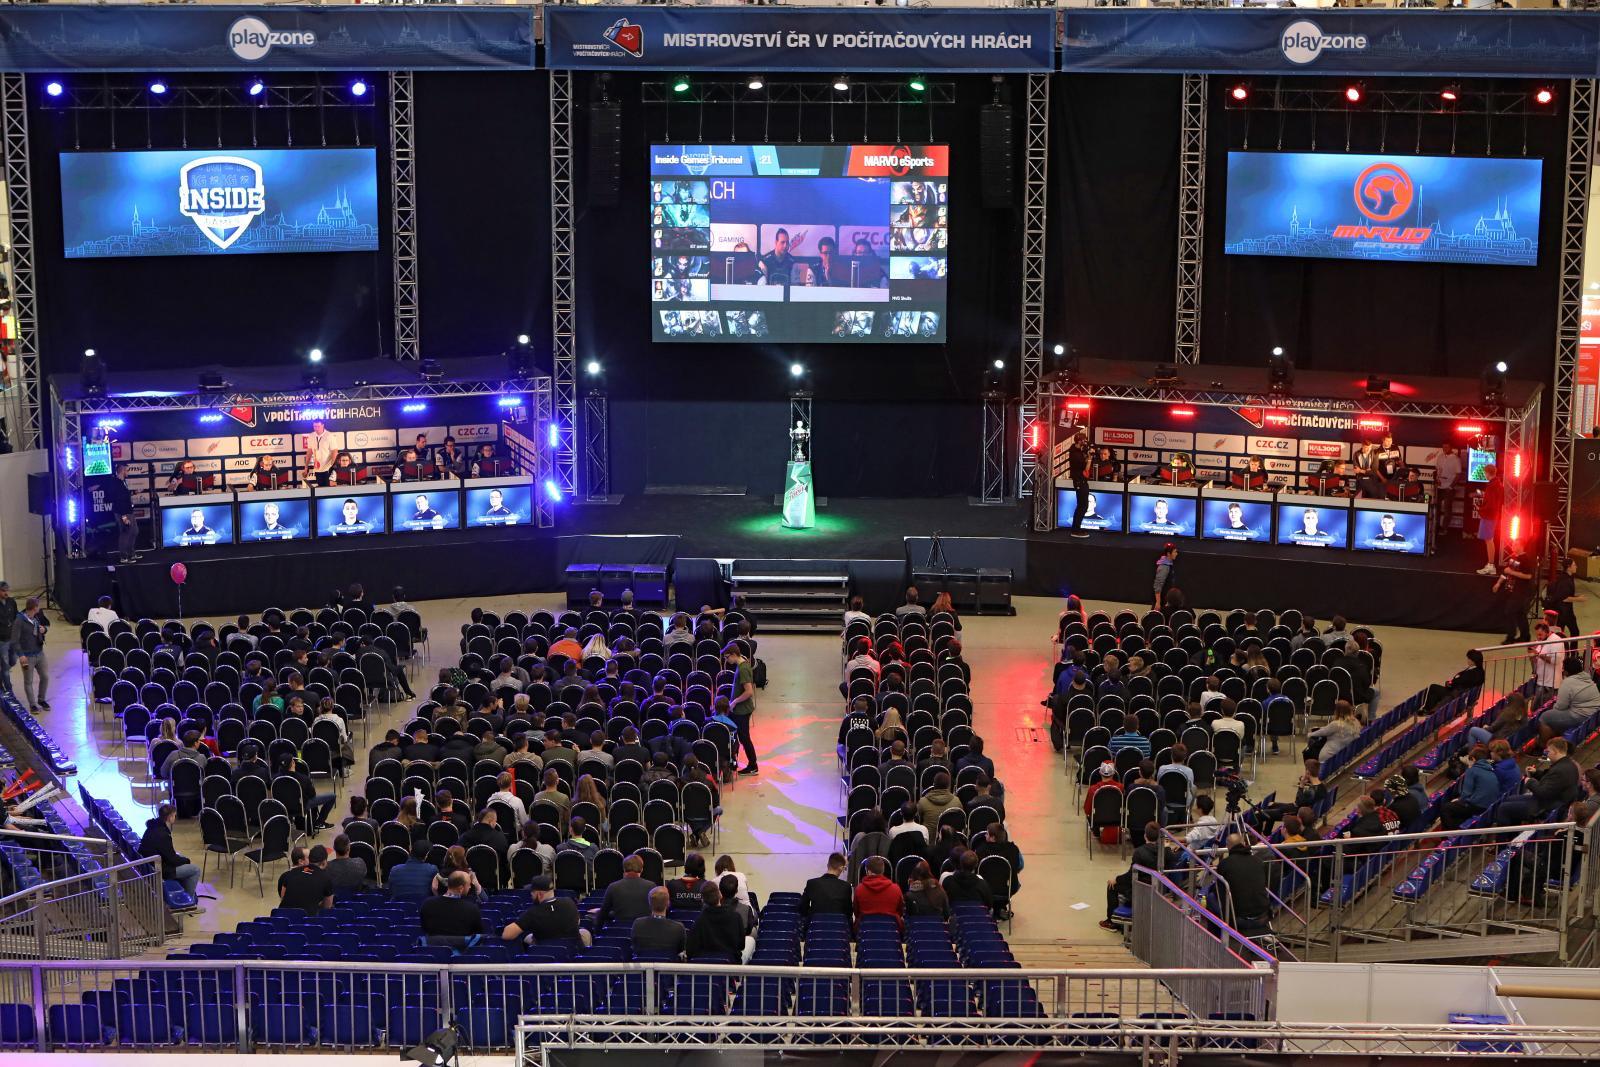 Main stage Mistrovství ČR v počítačových hrách 2017